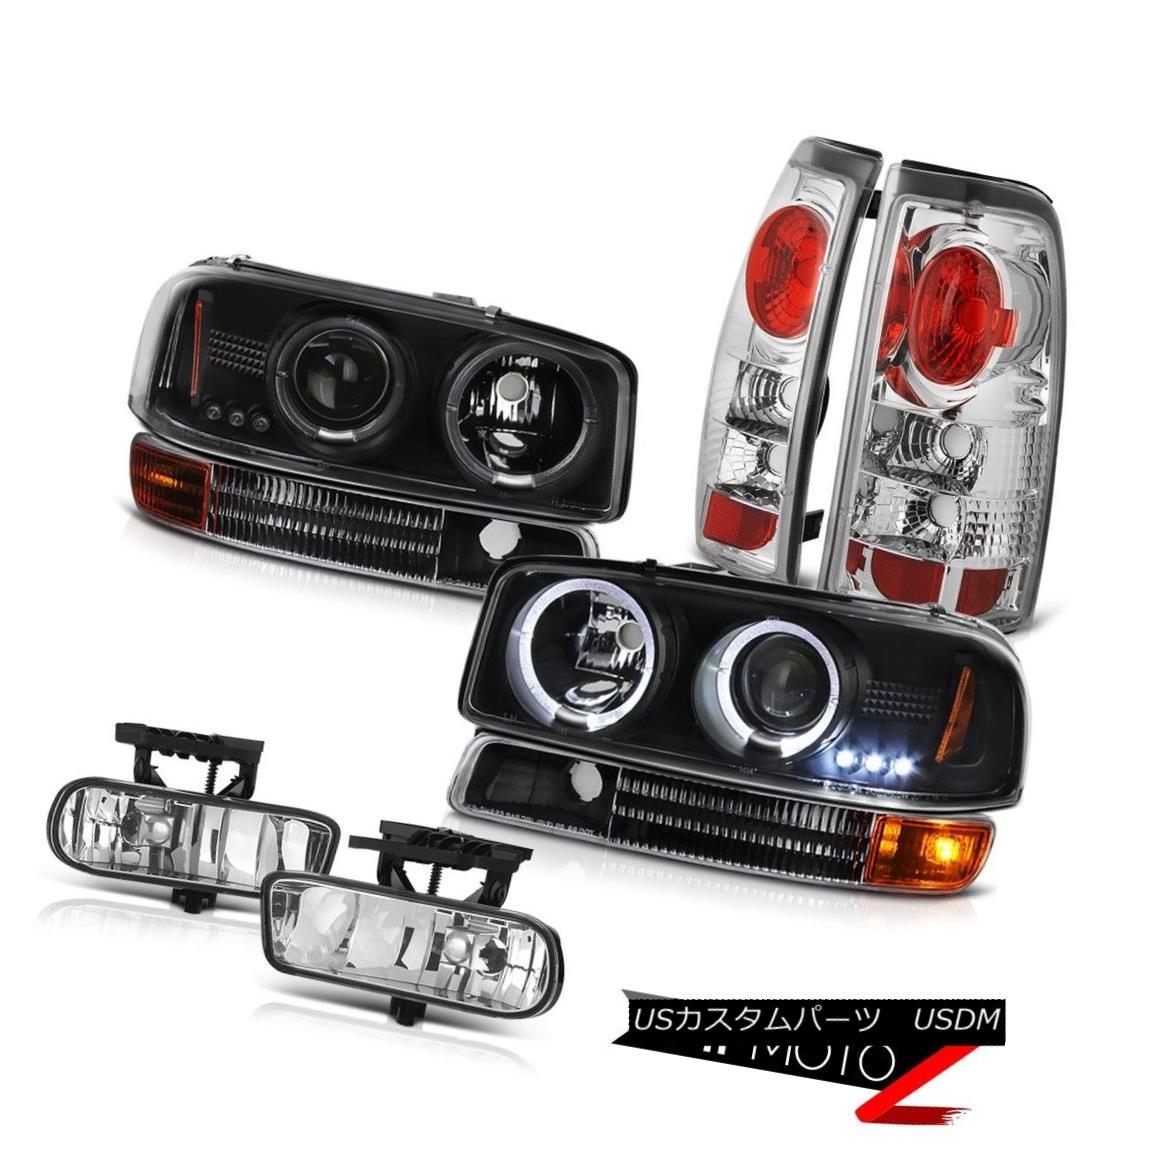 テールライト Projector Black Headlight Chrome Rear Tail Lamps Euro Fog 99-03 Sierra 2500 3500 プロジェクターブラックヘッドライトクロームリアテールランプユーロフォグ99-03 Sierra 2500 3500